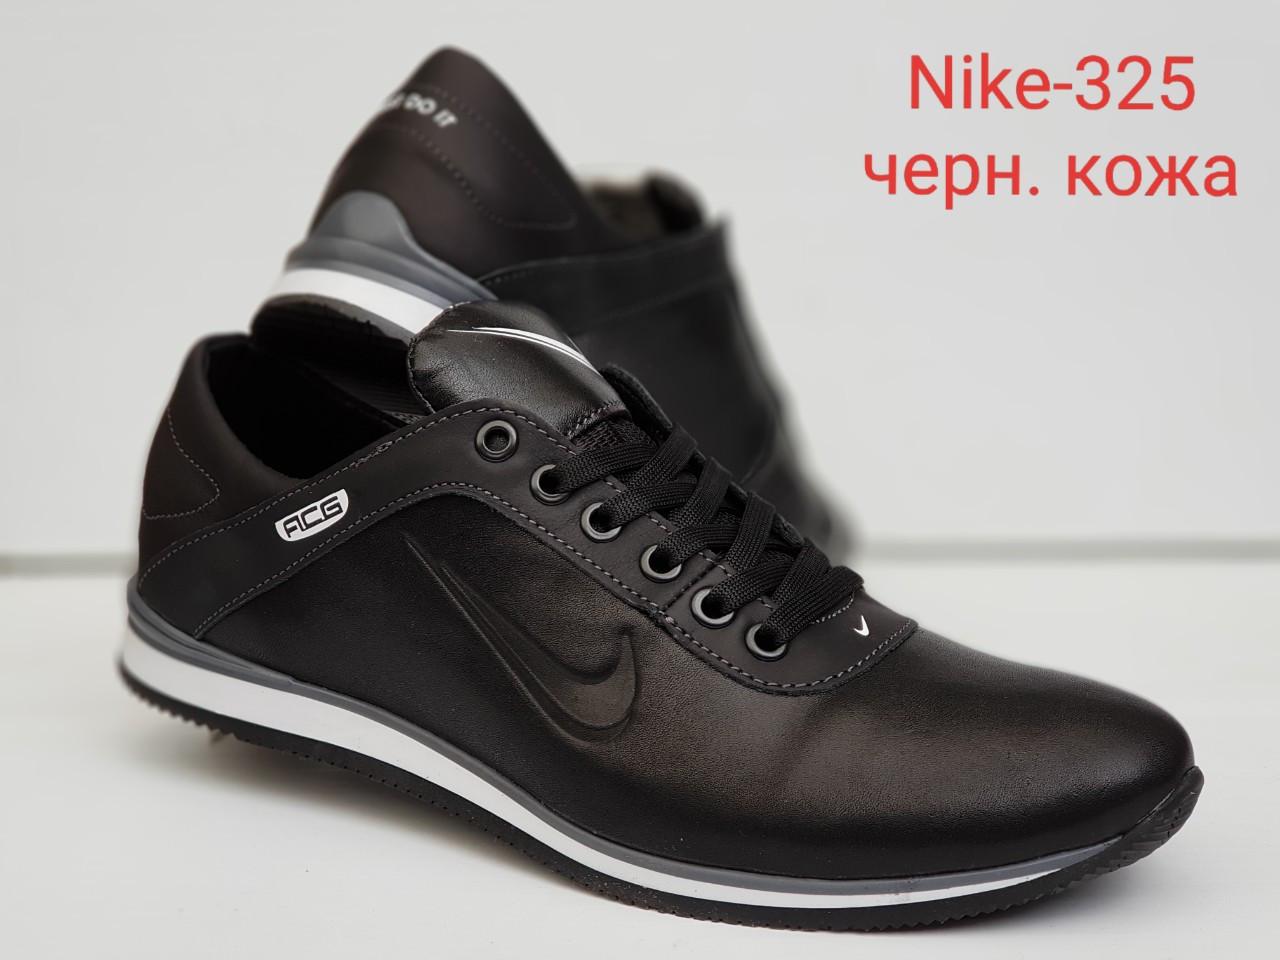 Демисезонные кроссовки из кожи Rec-Nike 325 черного цвета